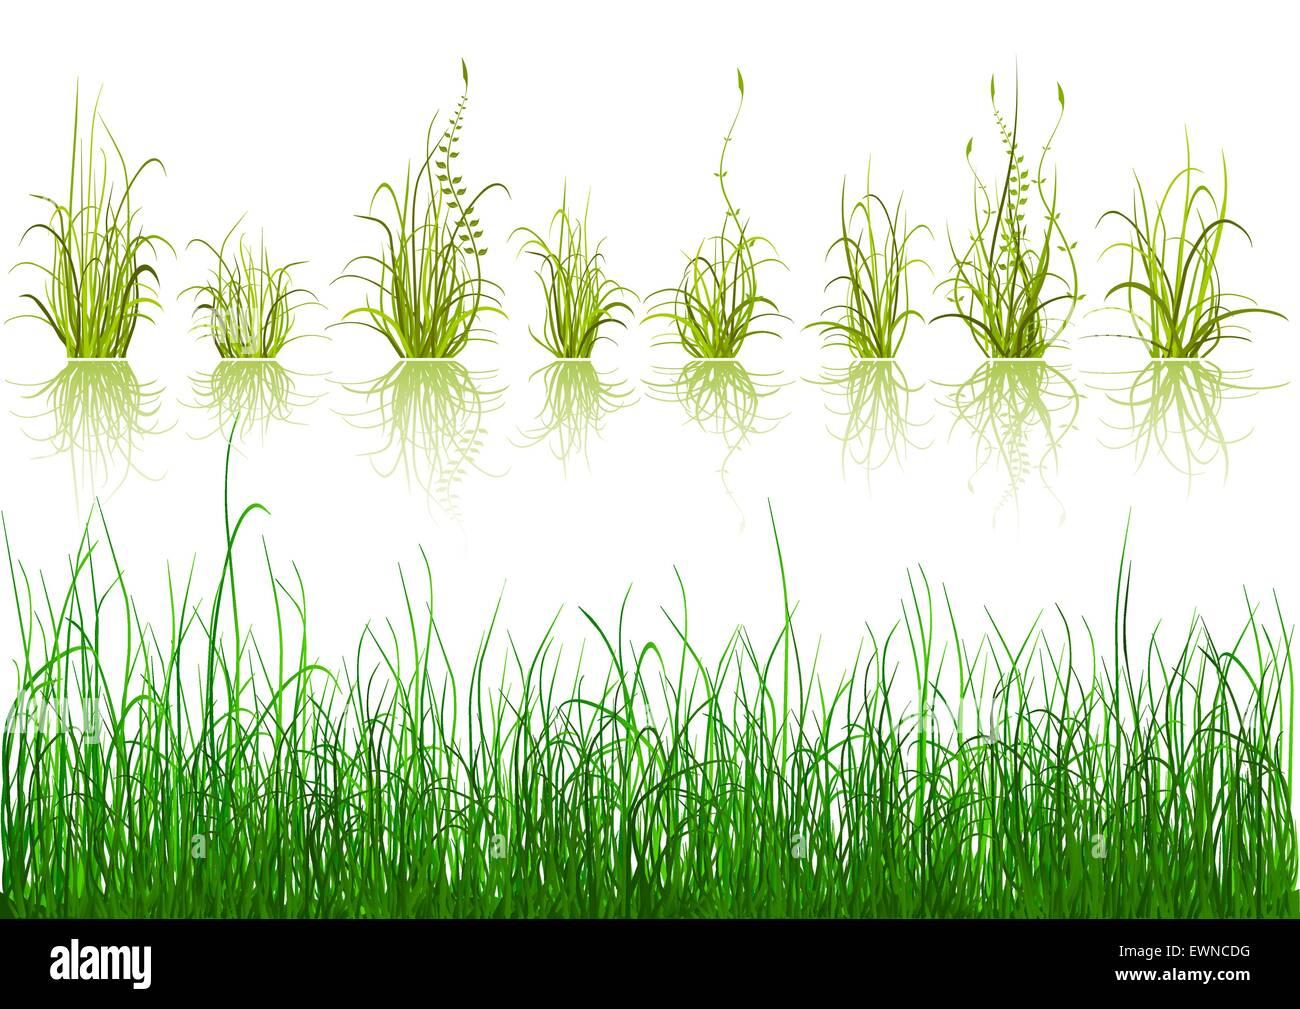 Grass Vector Vectors Stockfotos & Grass Vector Vectors Bilder - Alamy